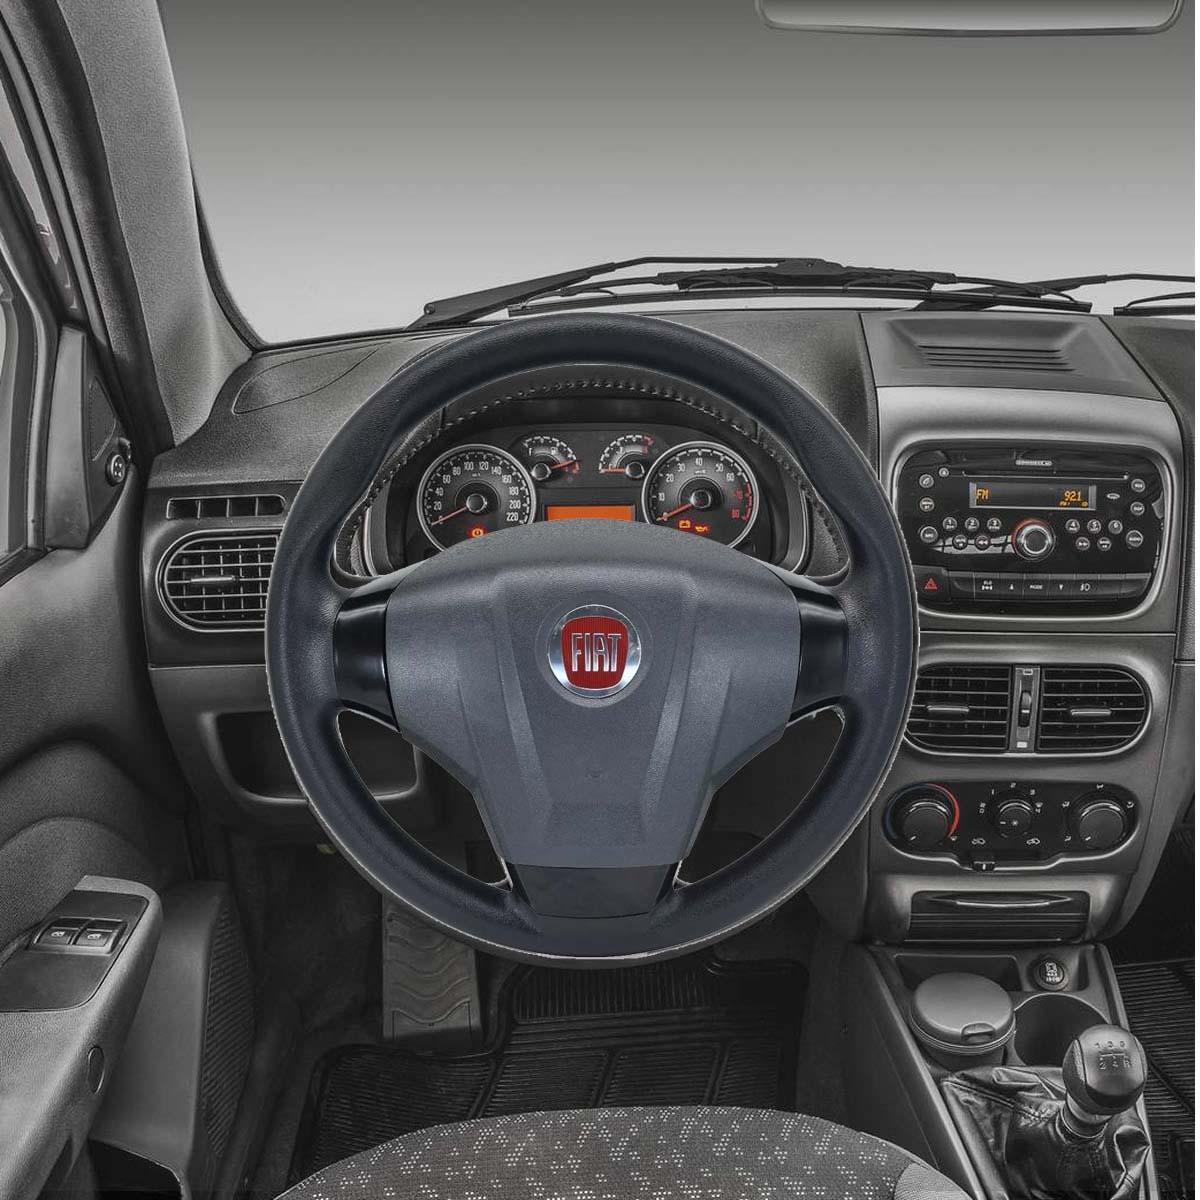 Volante Fiat do Novo Idea Esportivo Cubo Fiorino Panorama 147 Poliparts